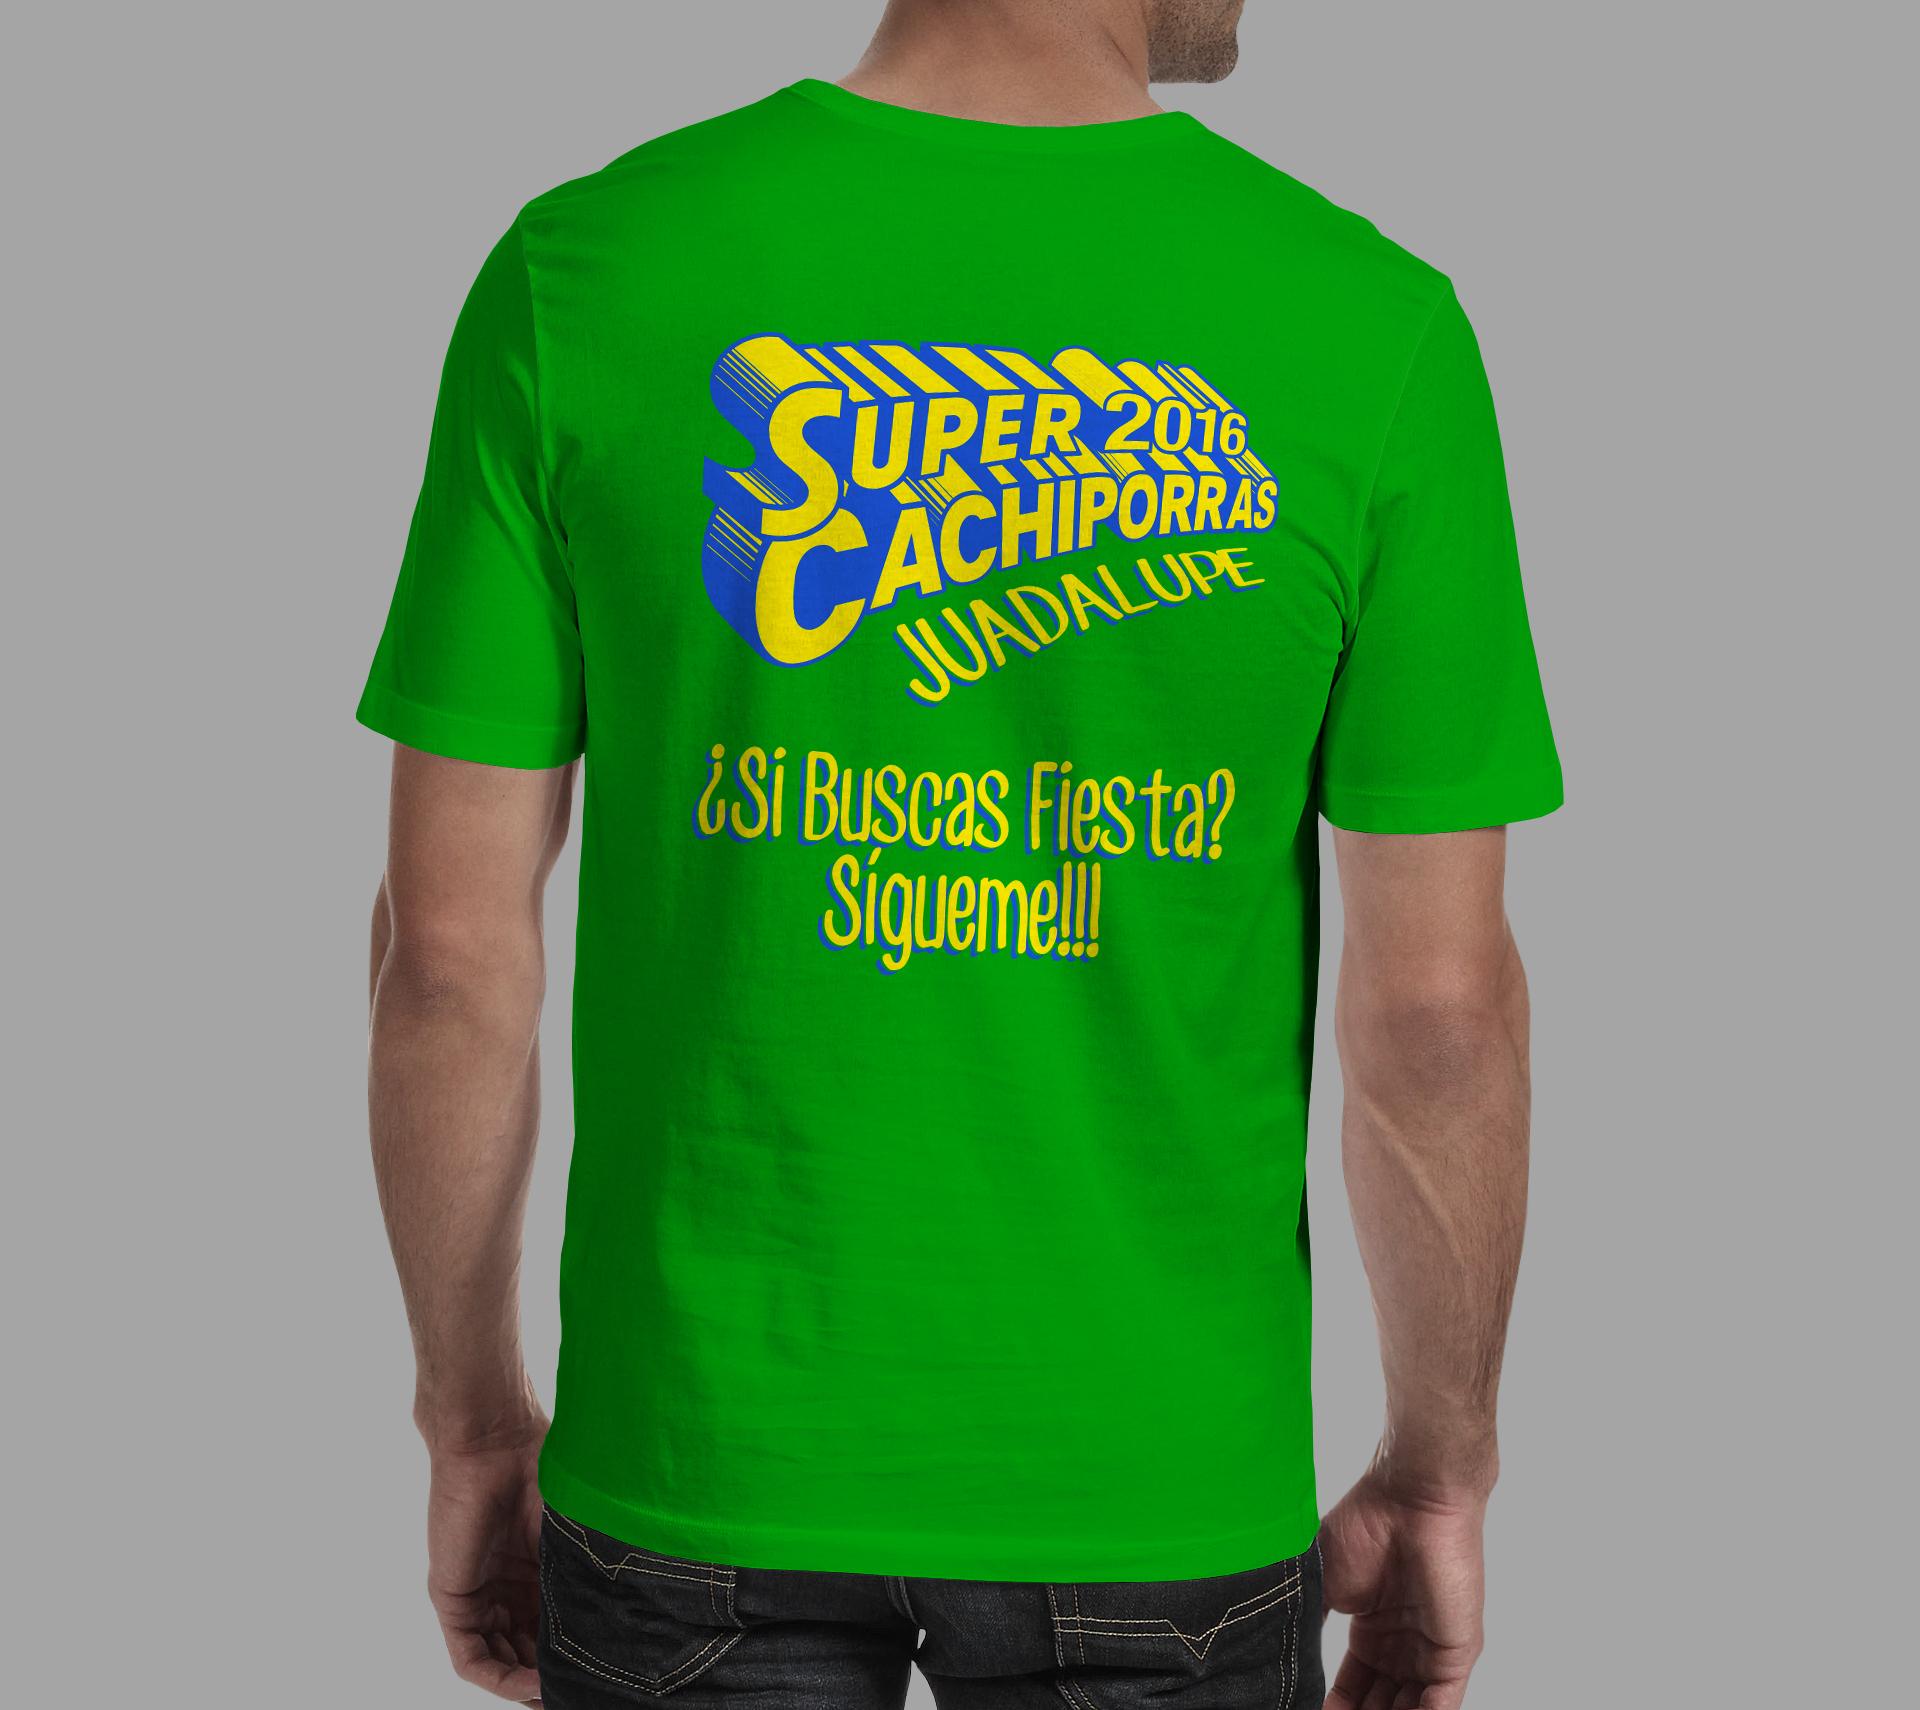 Supercachiporras Back